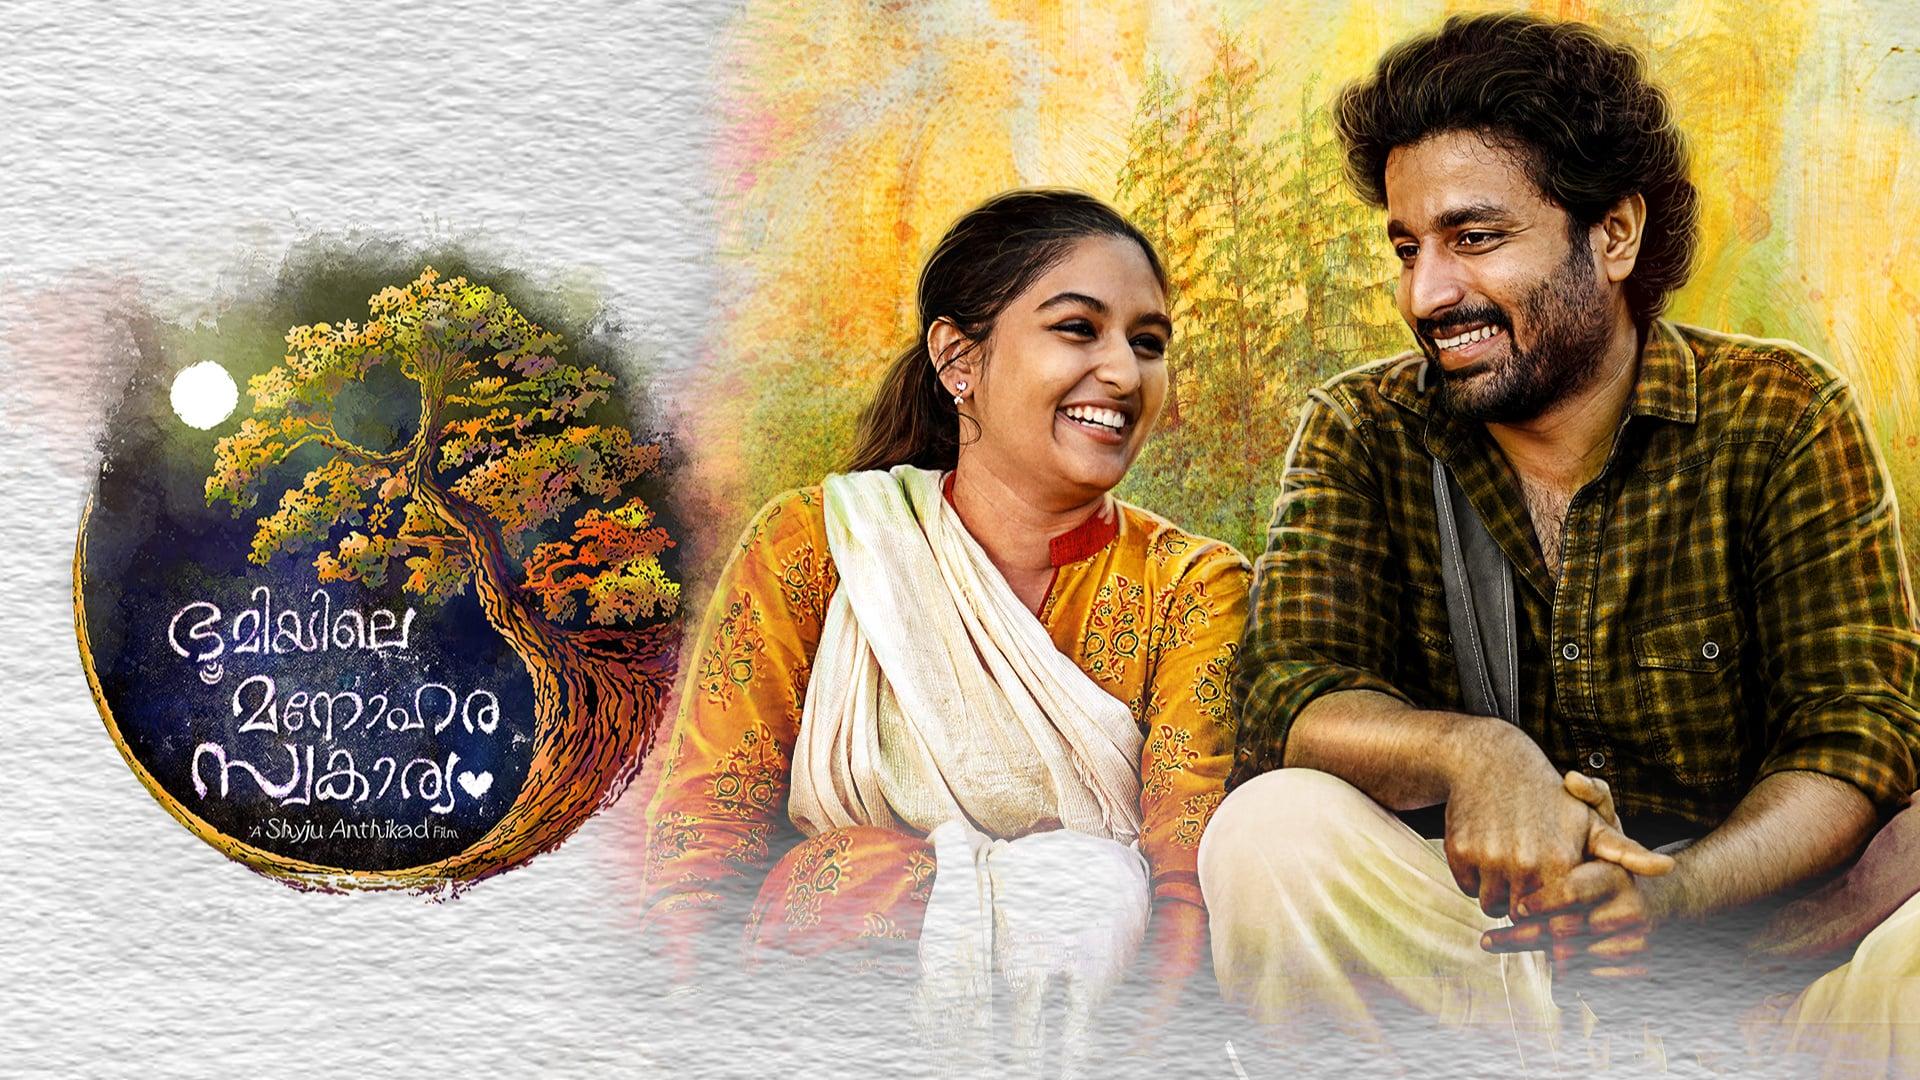 Bhoomiyile Manohara Swakaryam Movie Streaming Online